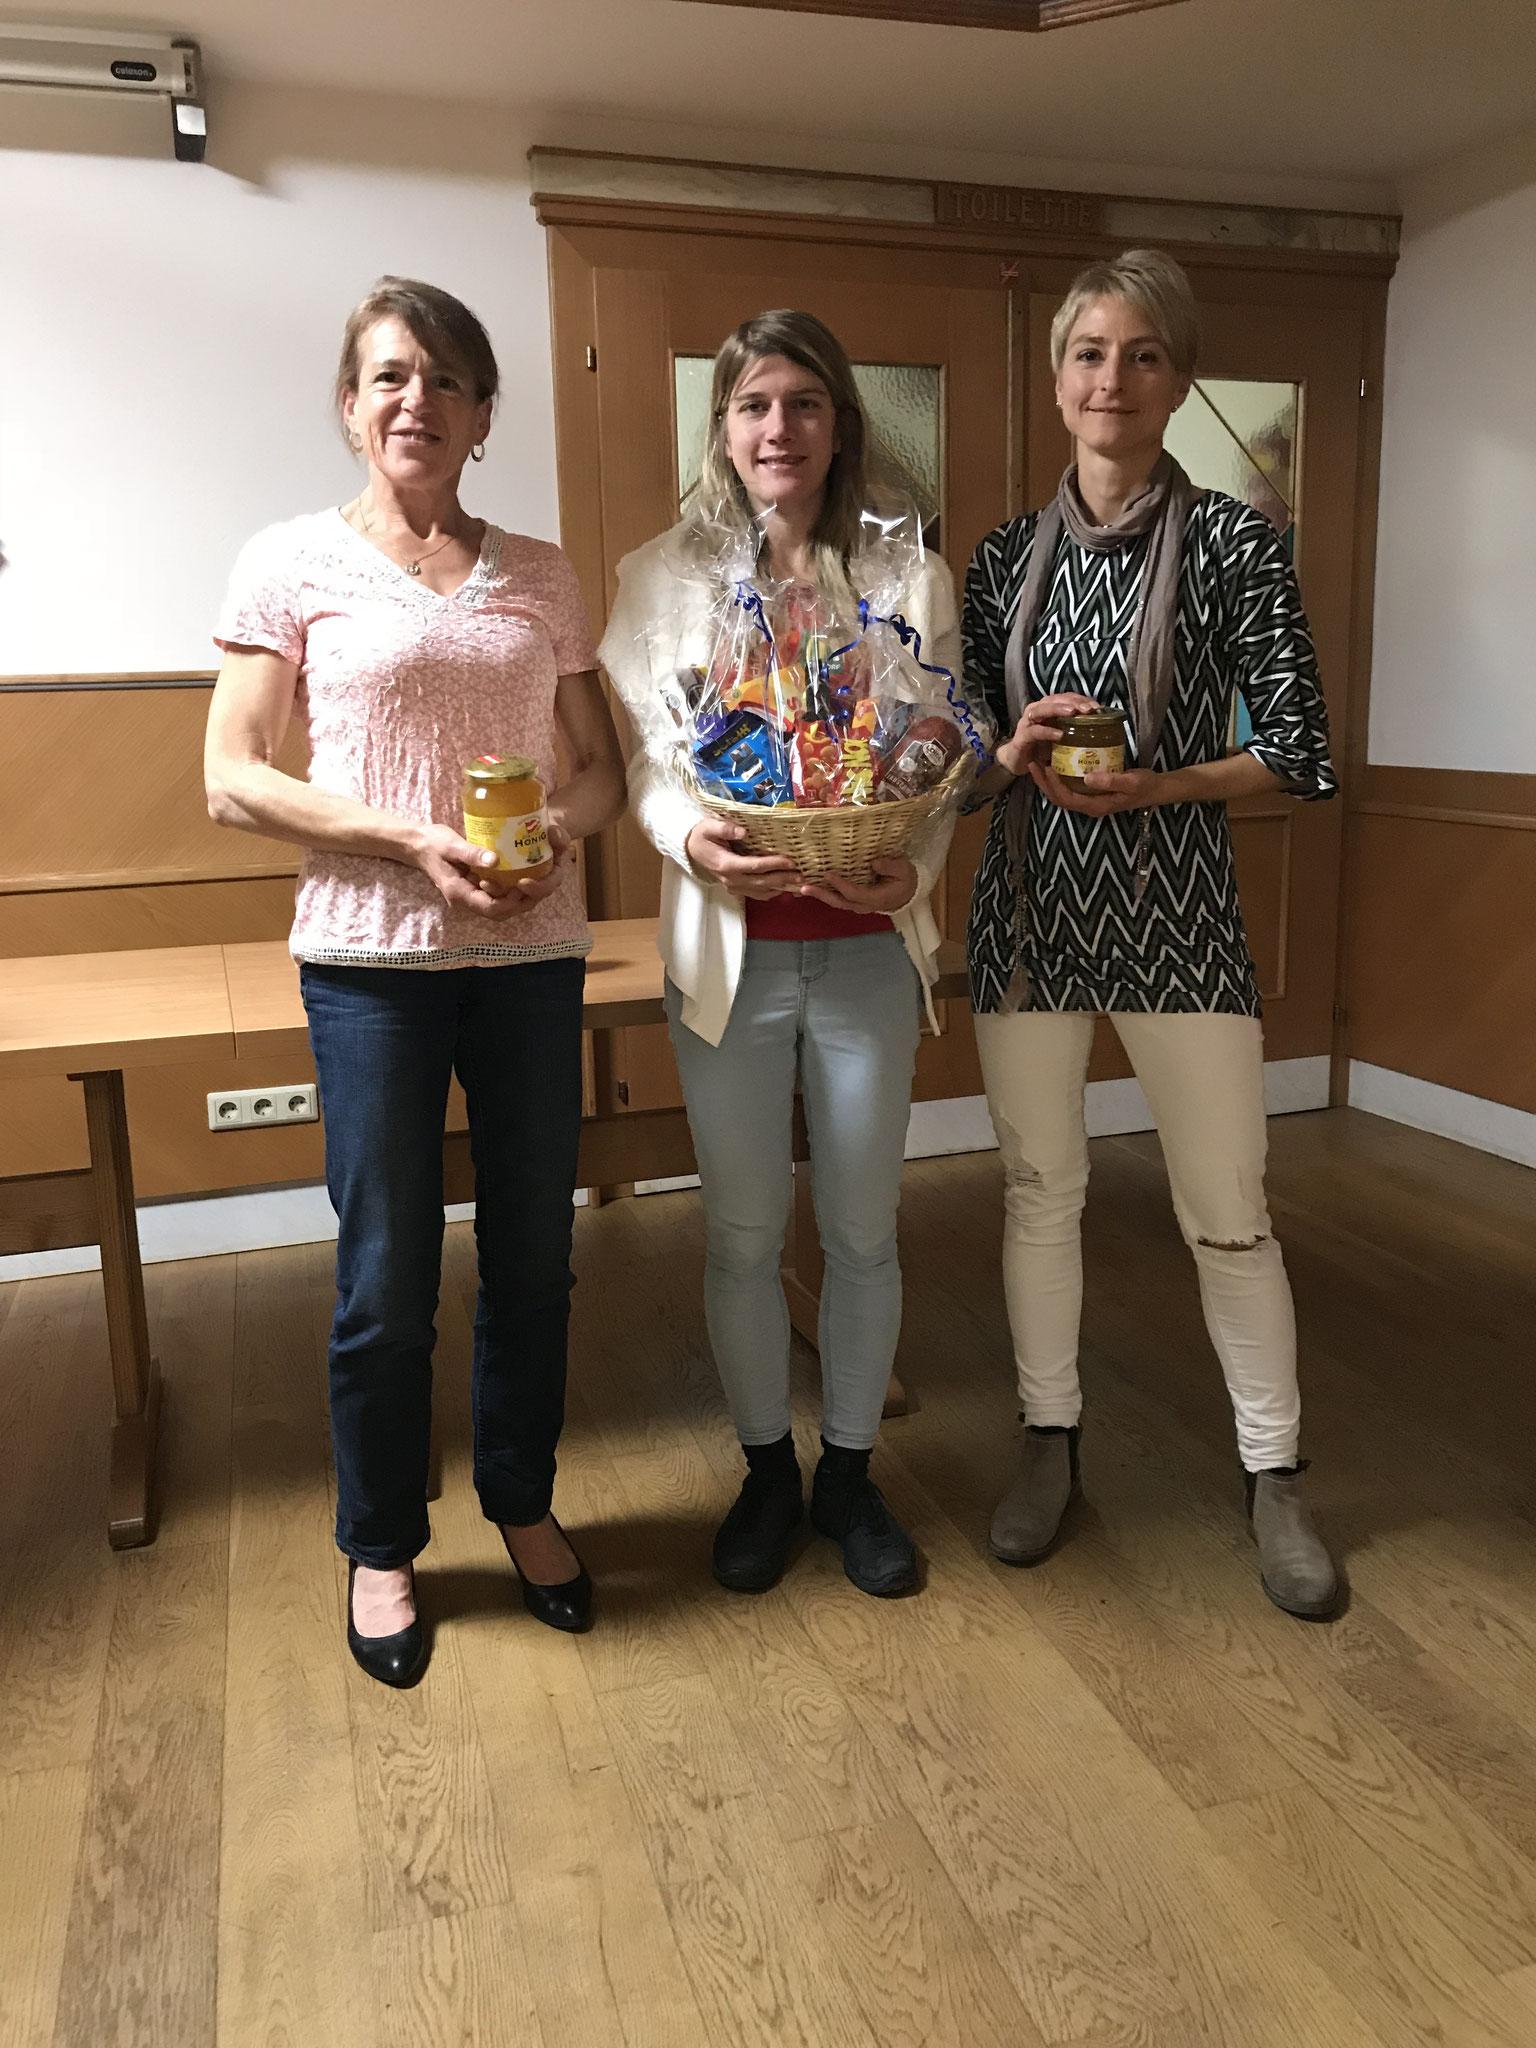 Unsere schnellsten Damen vlnr: Leopoldine (2.), Angela (1.), Birgit (3.)